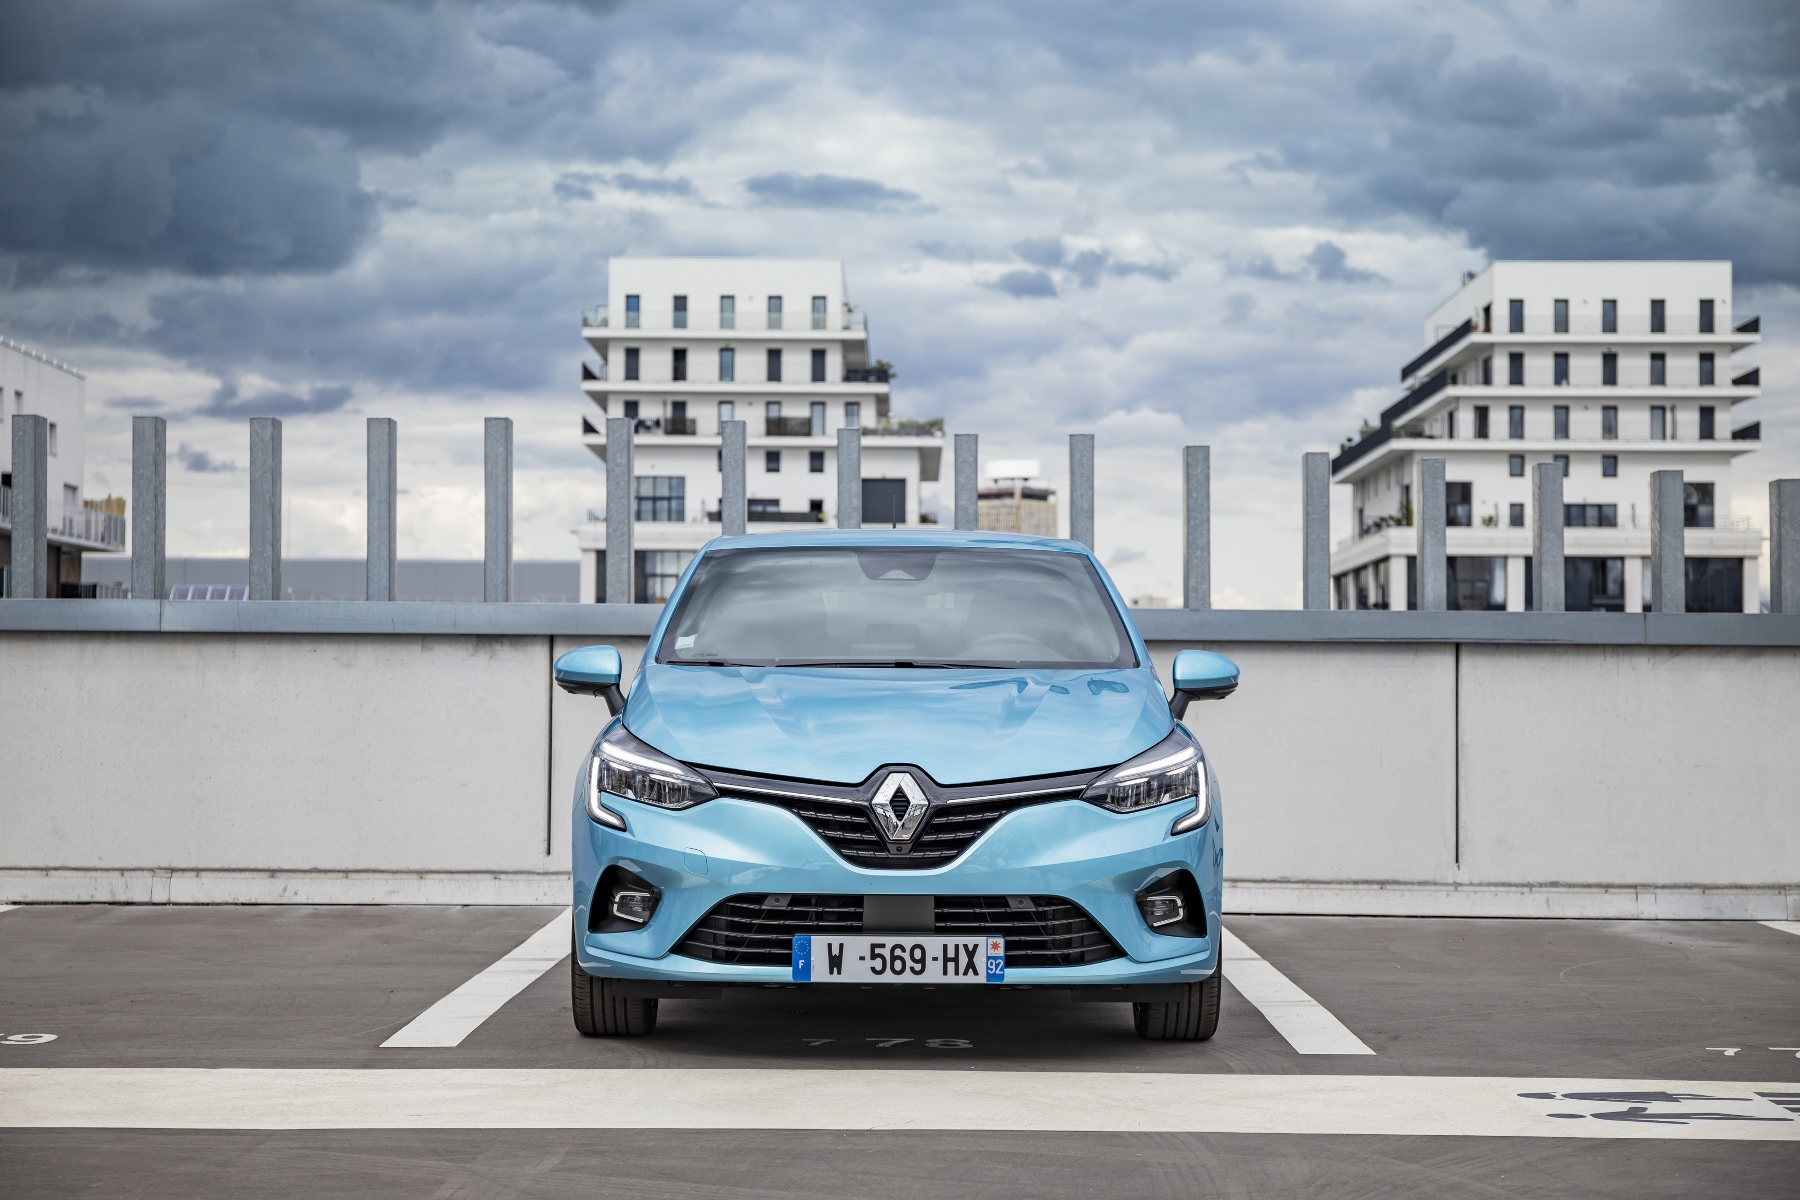 Renault Clio (17)